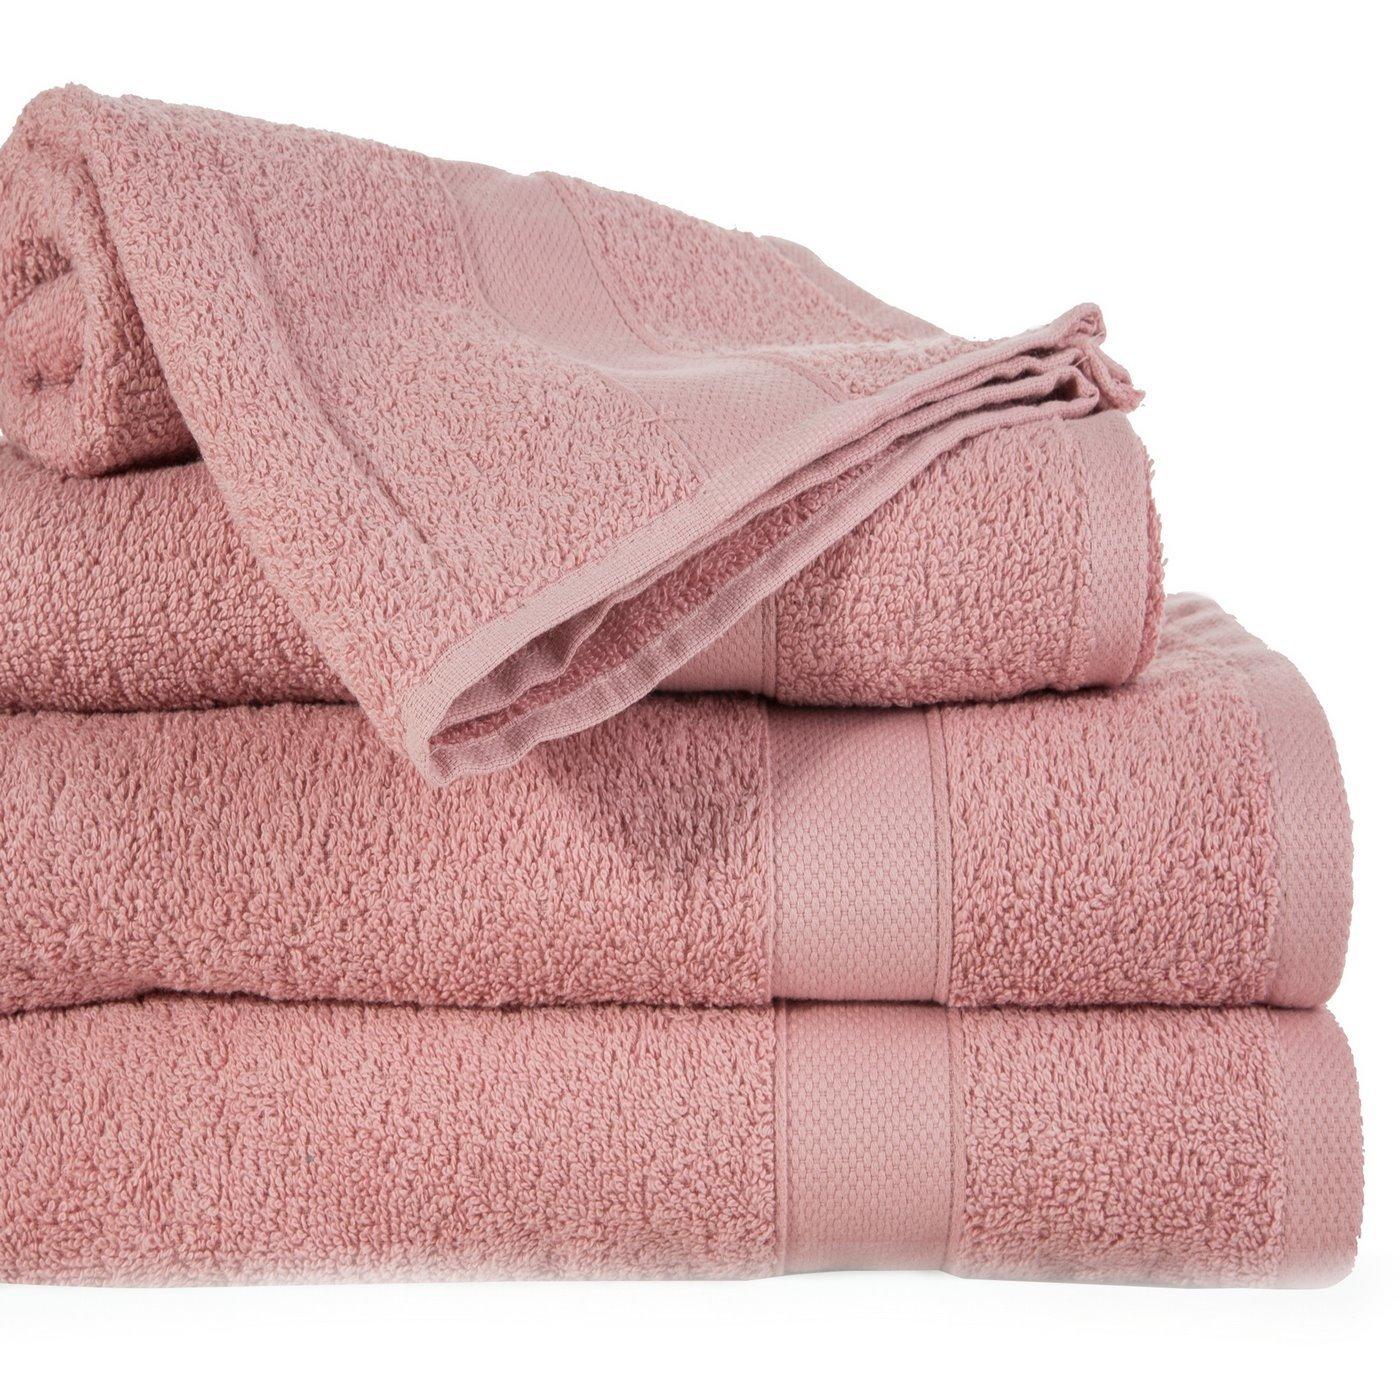 Miękki chłonny ręcznik kąpielowy liliowy 50x90